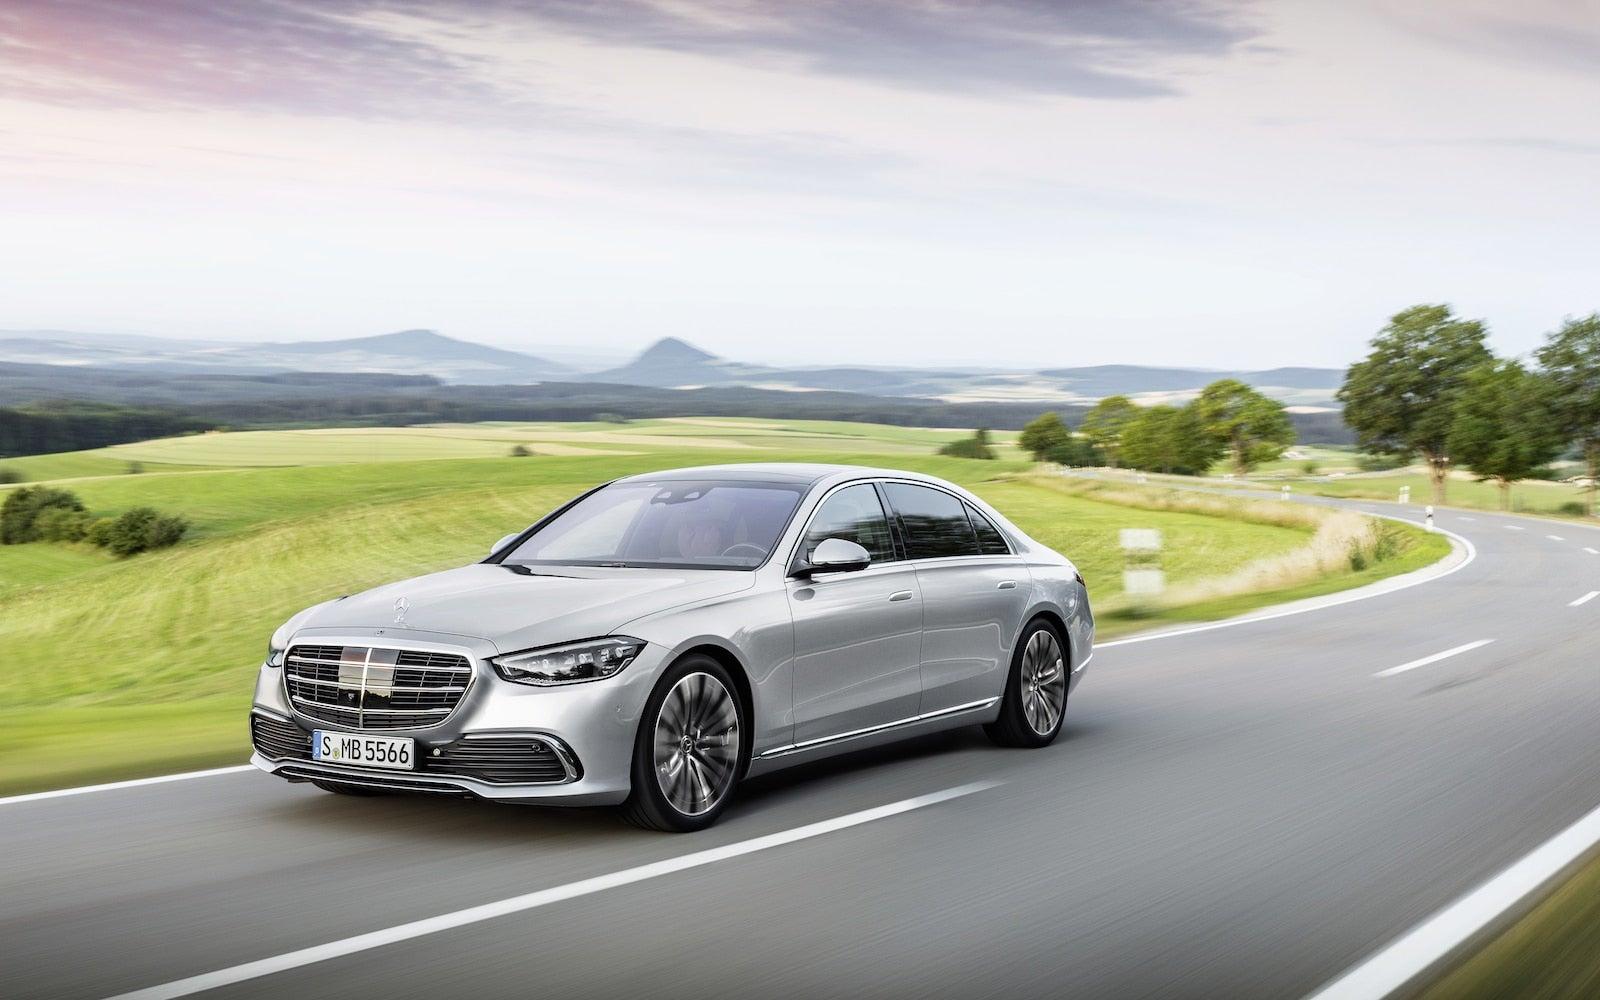 First Look: 2021 Mercedes-Benz S-Class | The Detroit Bureau